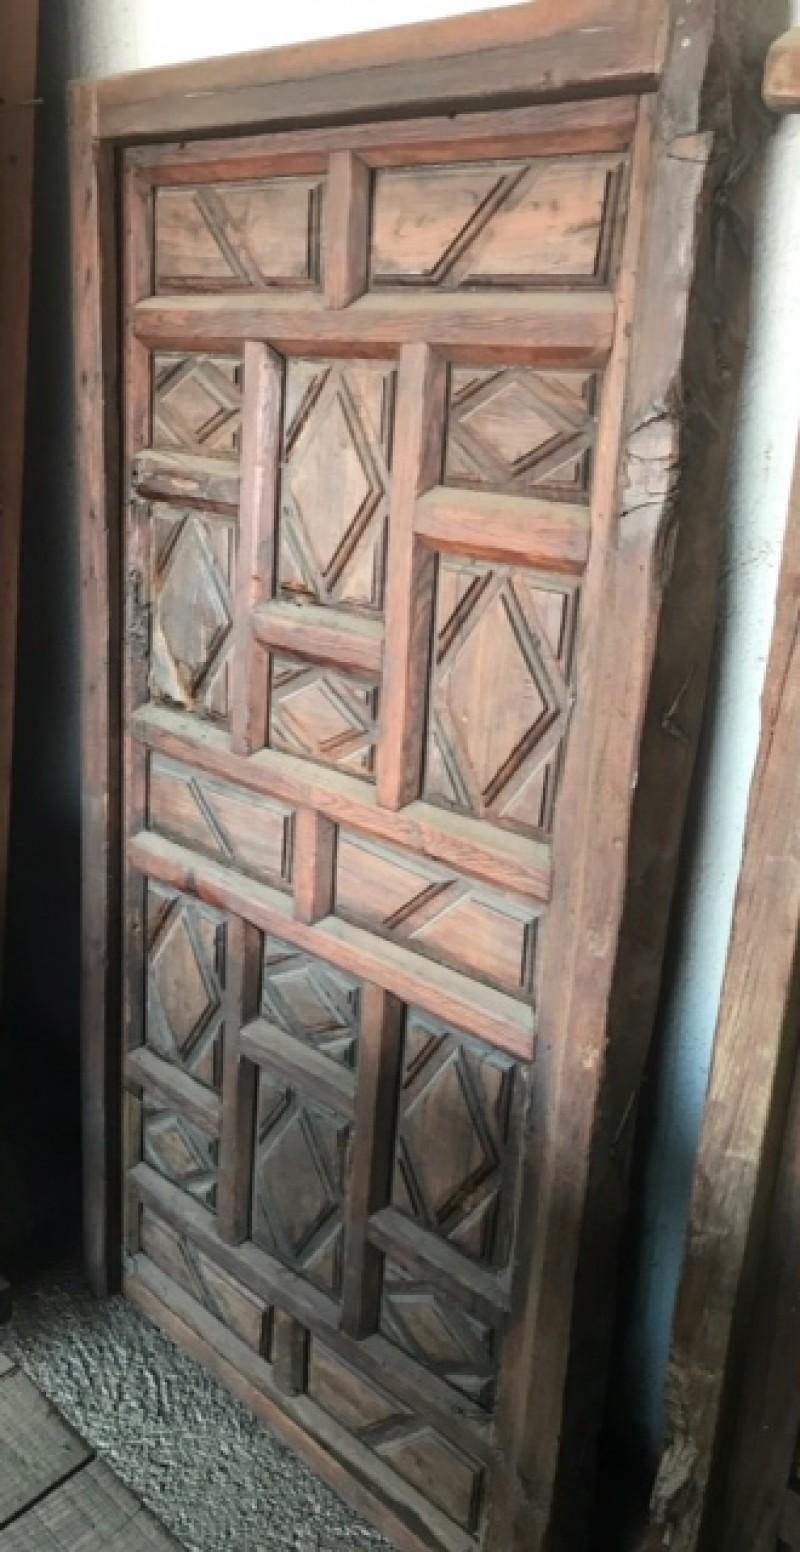 Puerta de madera antigua. Mide 96 cm de ancha x 1.77 cm de alta